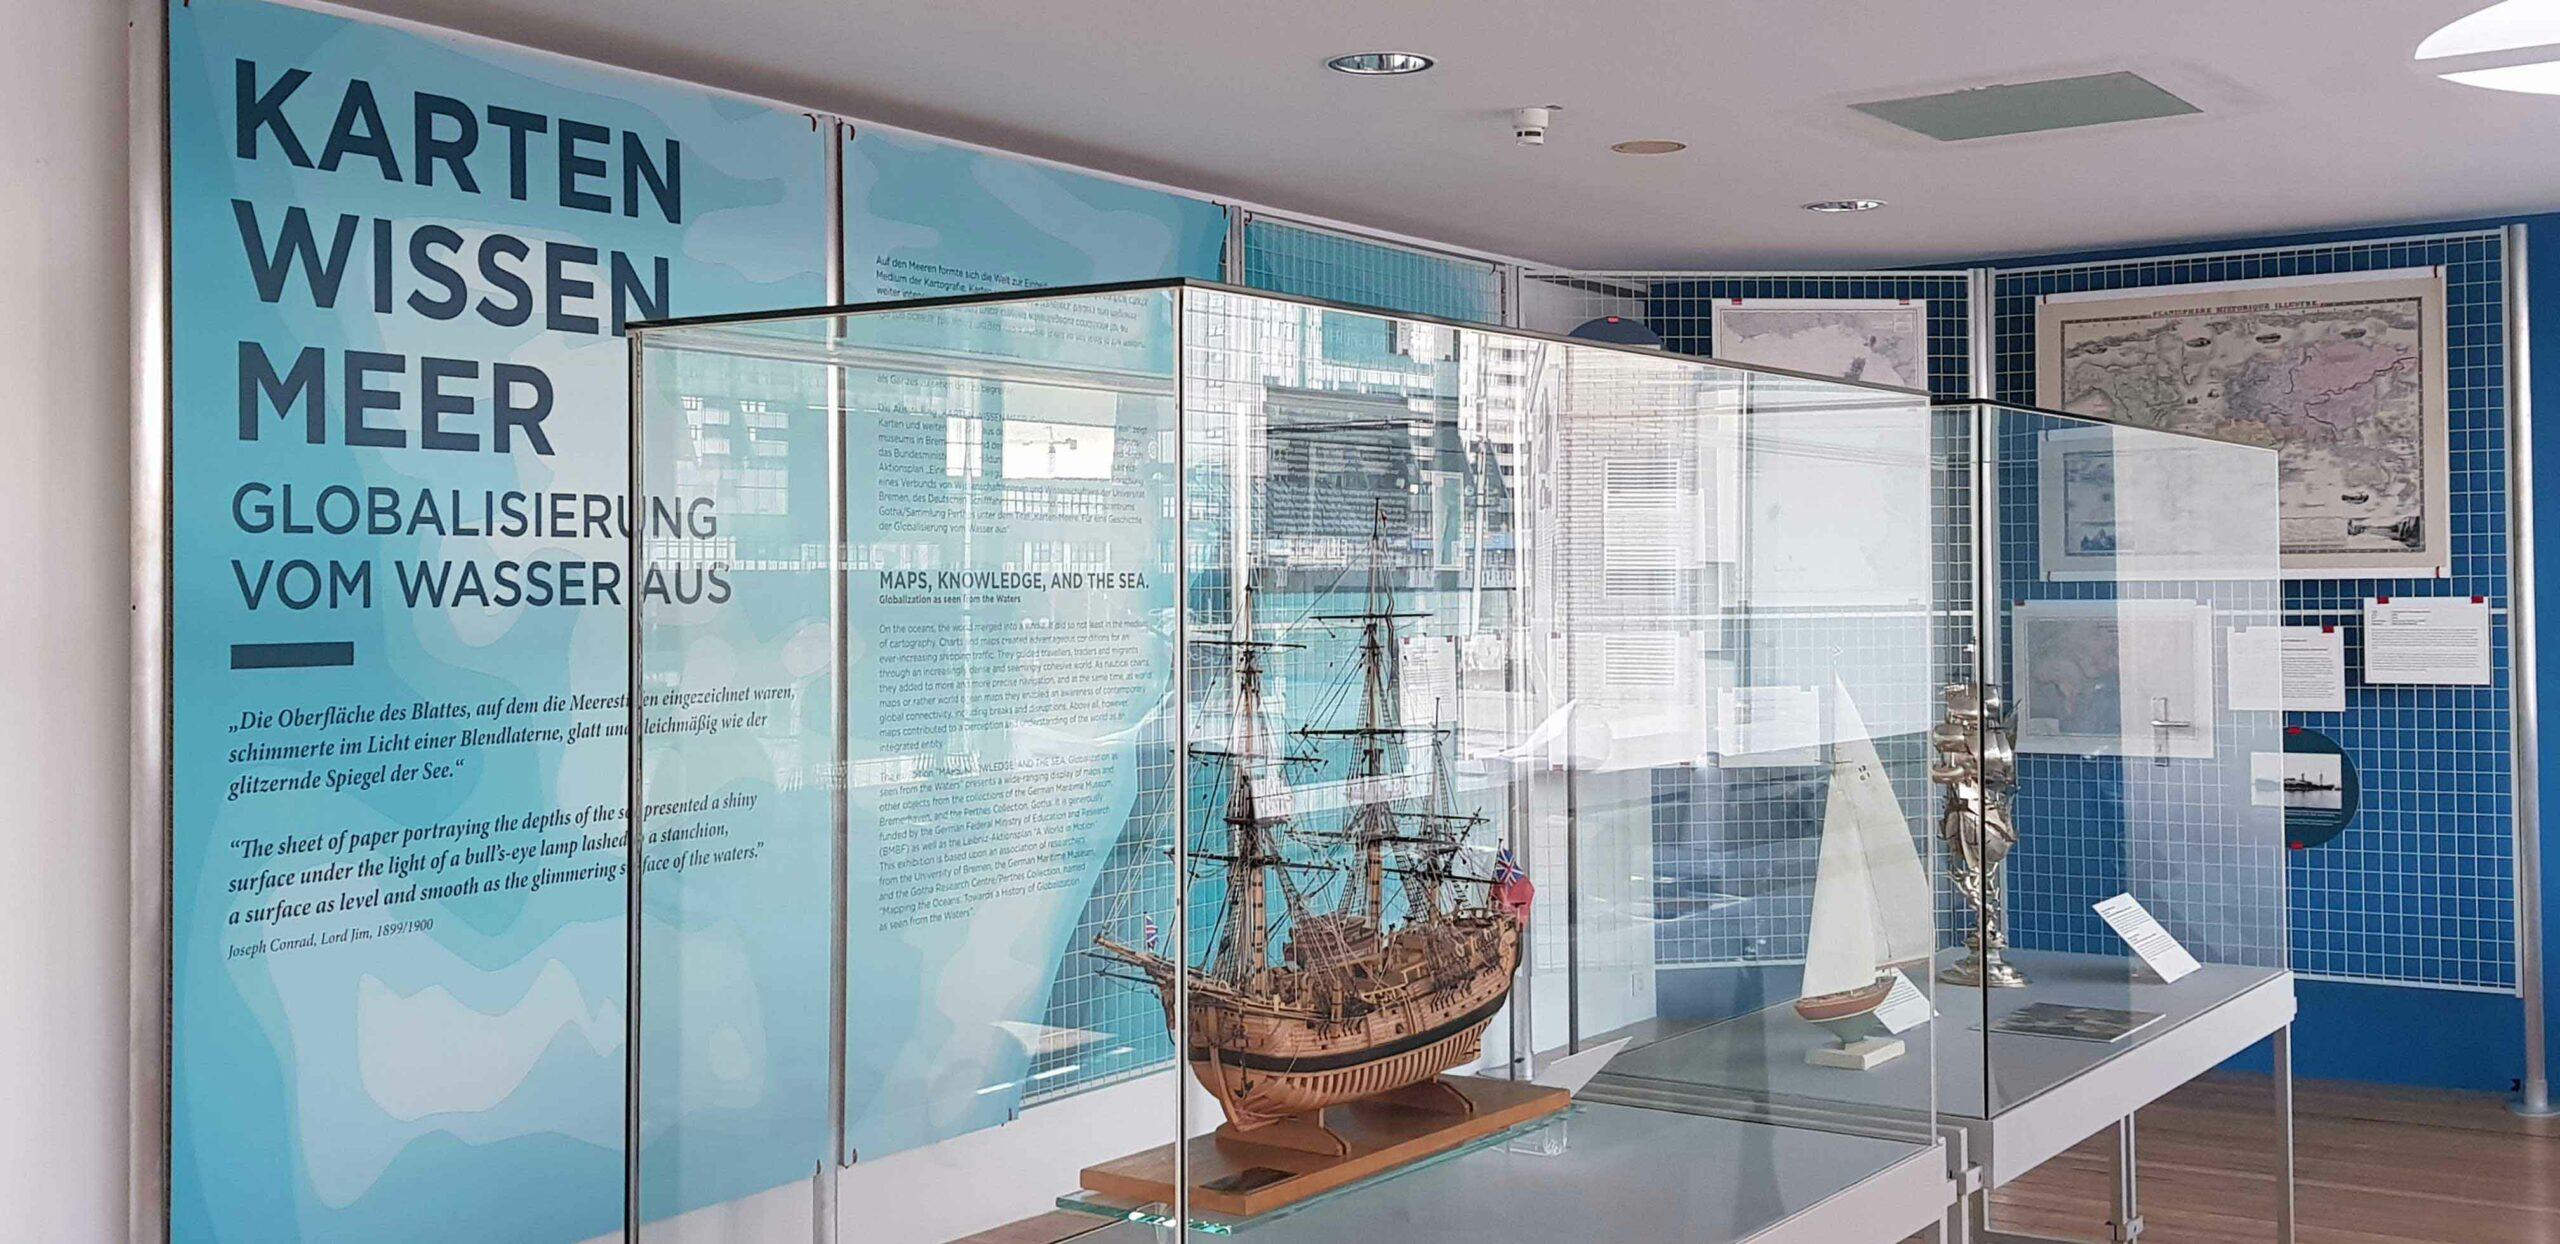 Einblick in die Ausstellung KartenWissenMeer Eingangstext